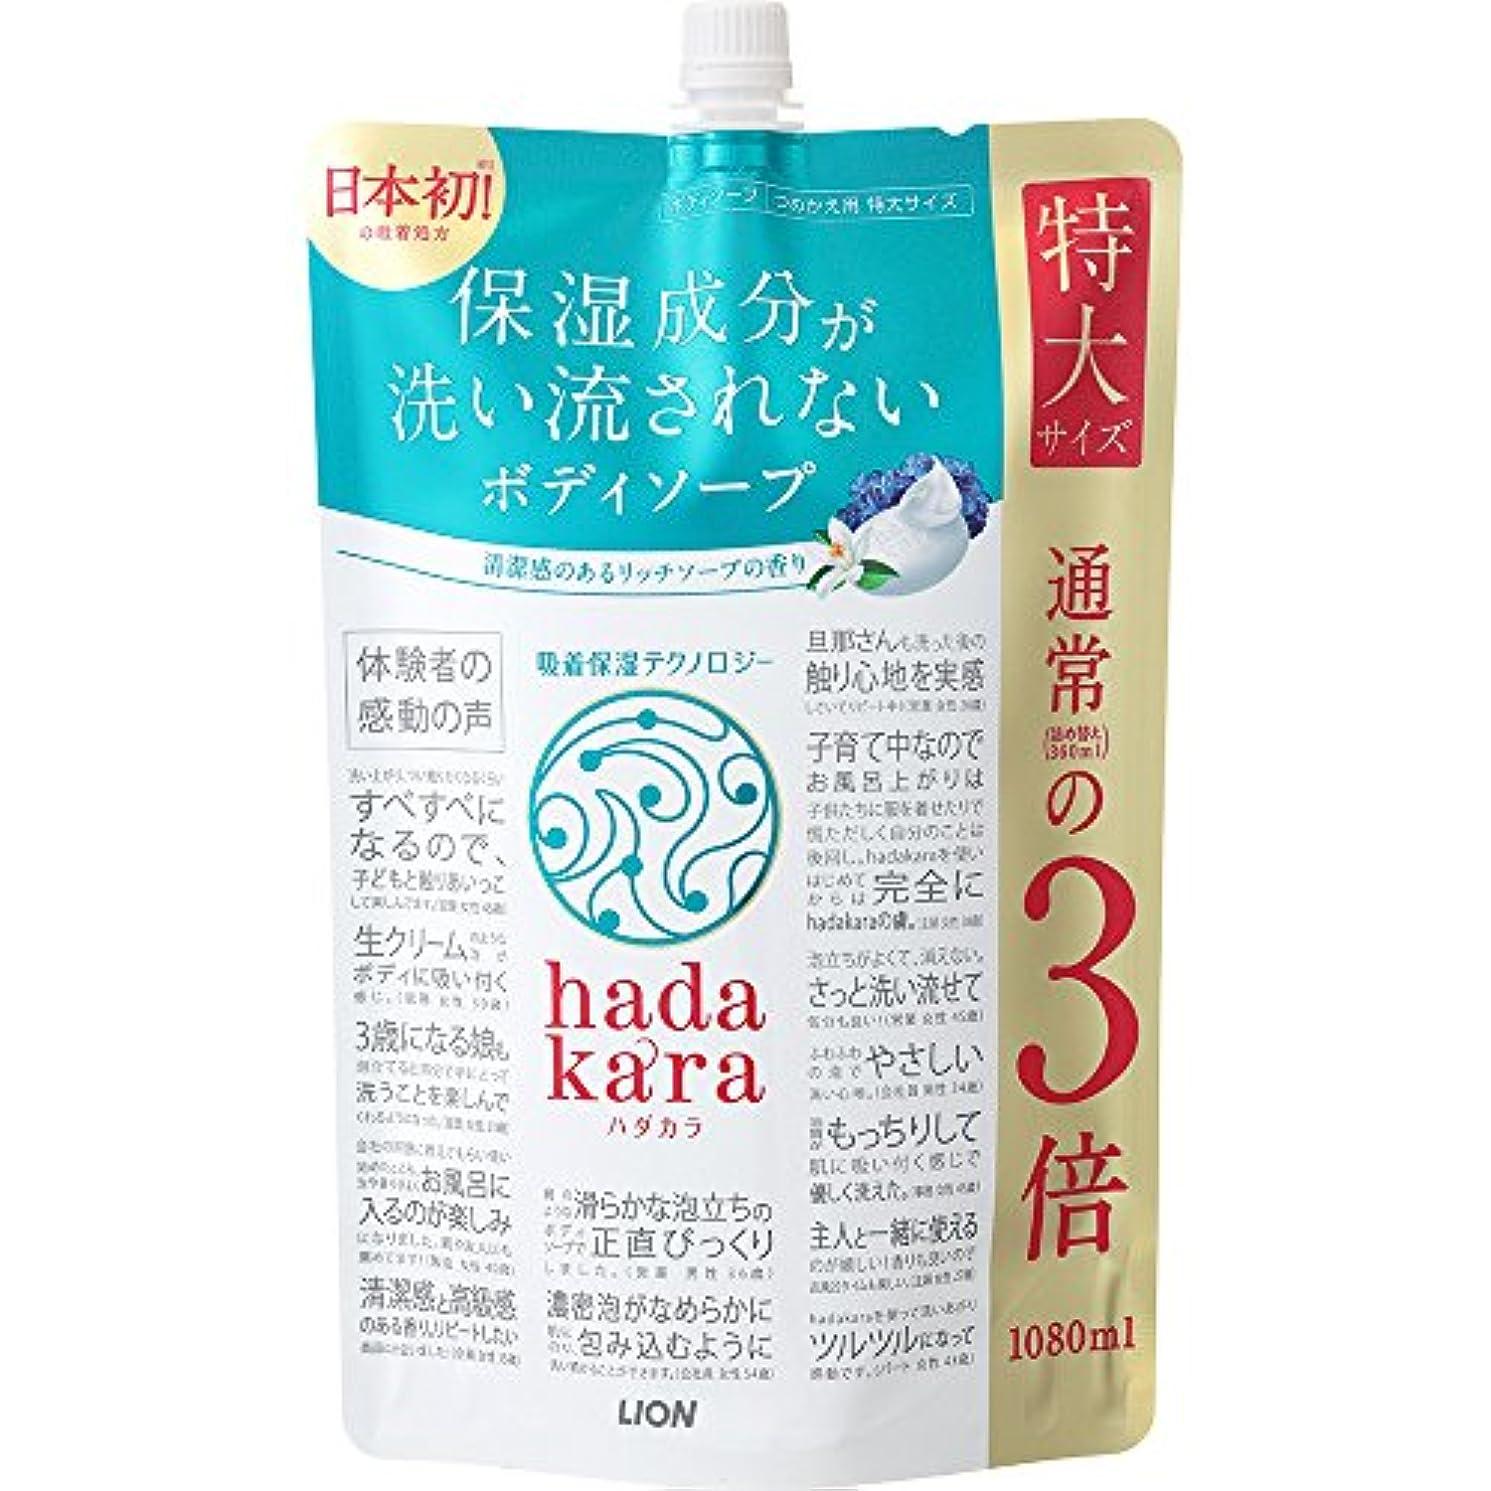 正義平日バーガー【大容量】hadakara(ハダカラ) ボディソープ リッチソープの香り 詰め替え 特大 1080ml